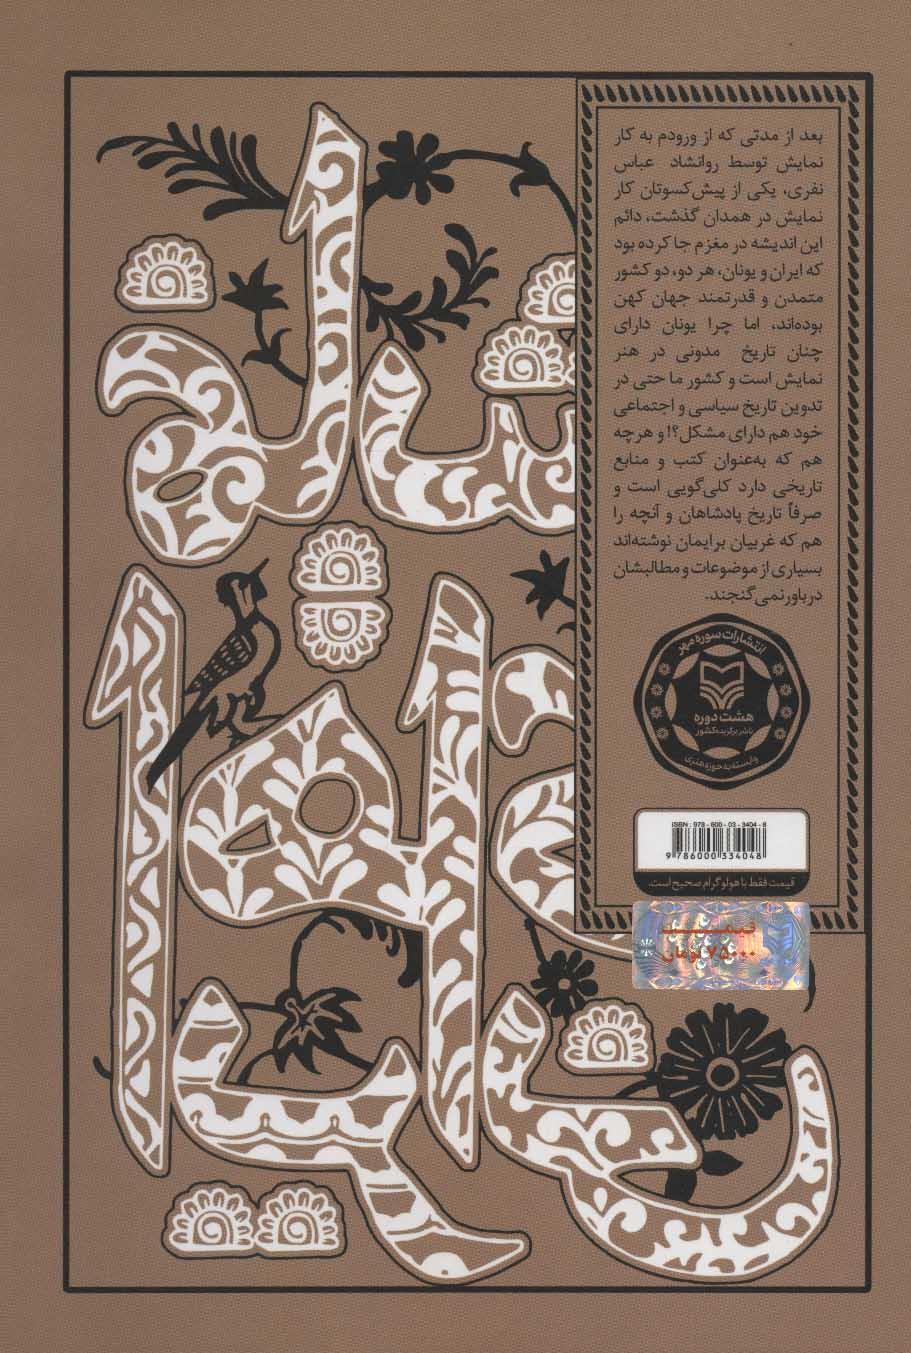 نمایش های ایرانی 9 (عصر پهلوی)